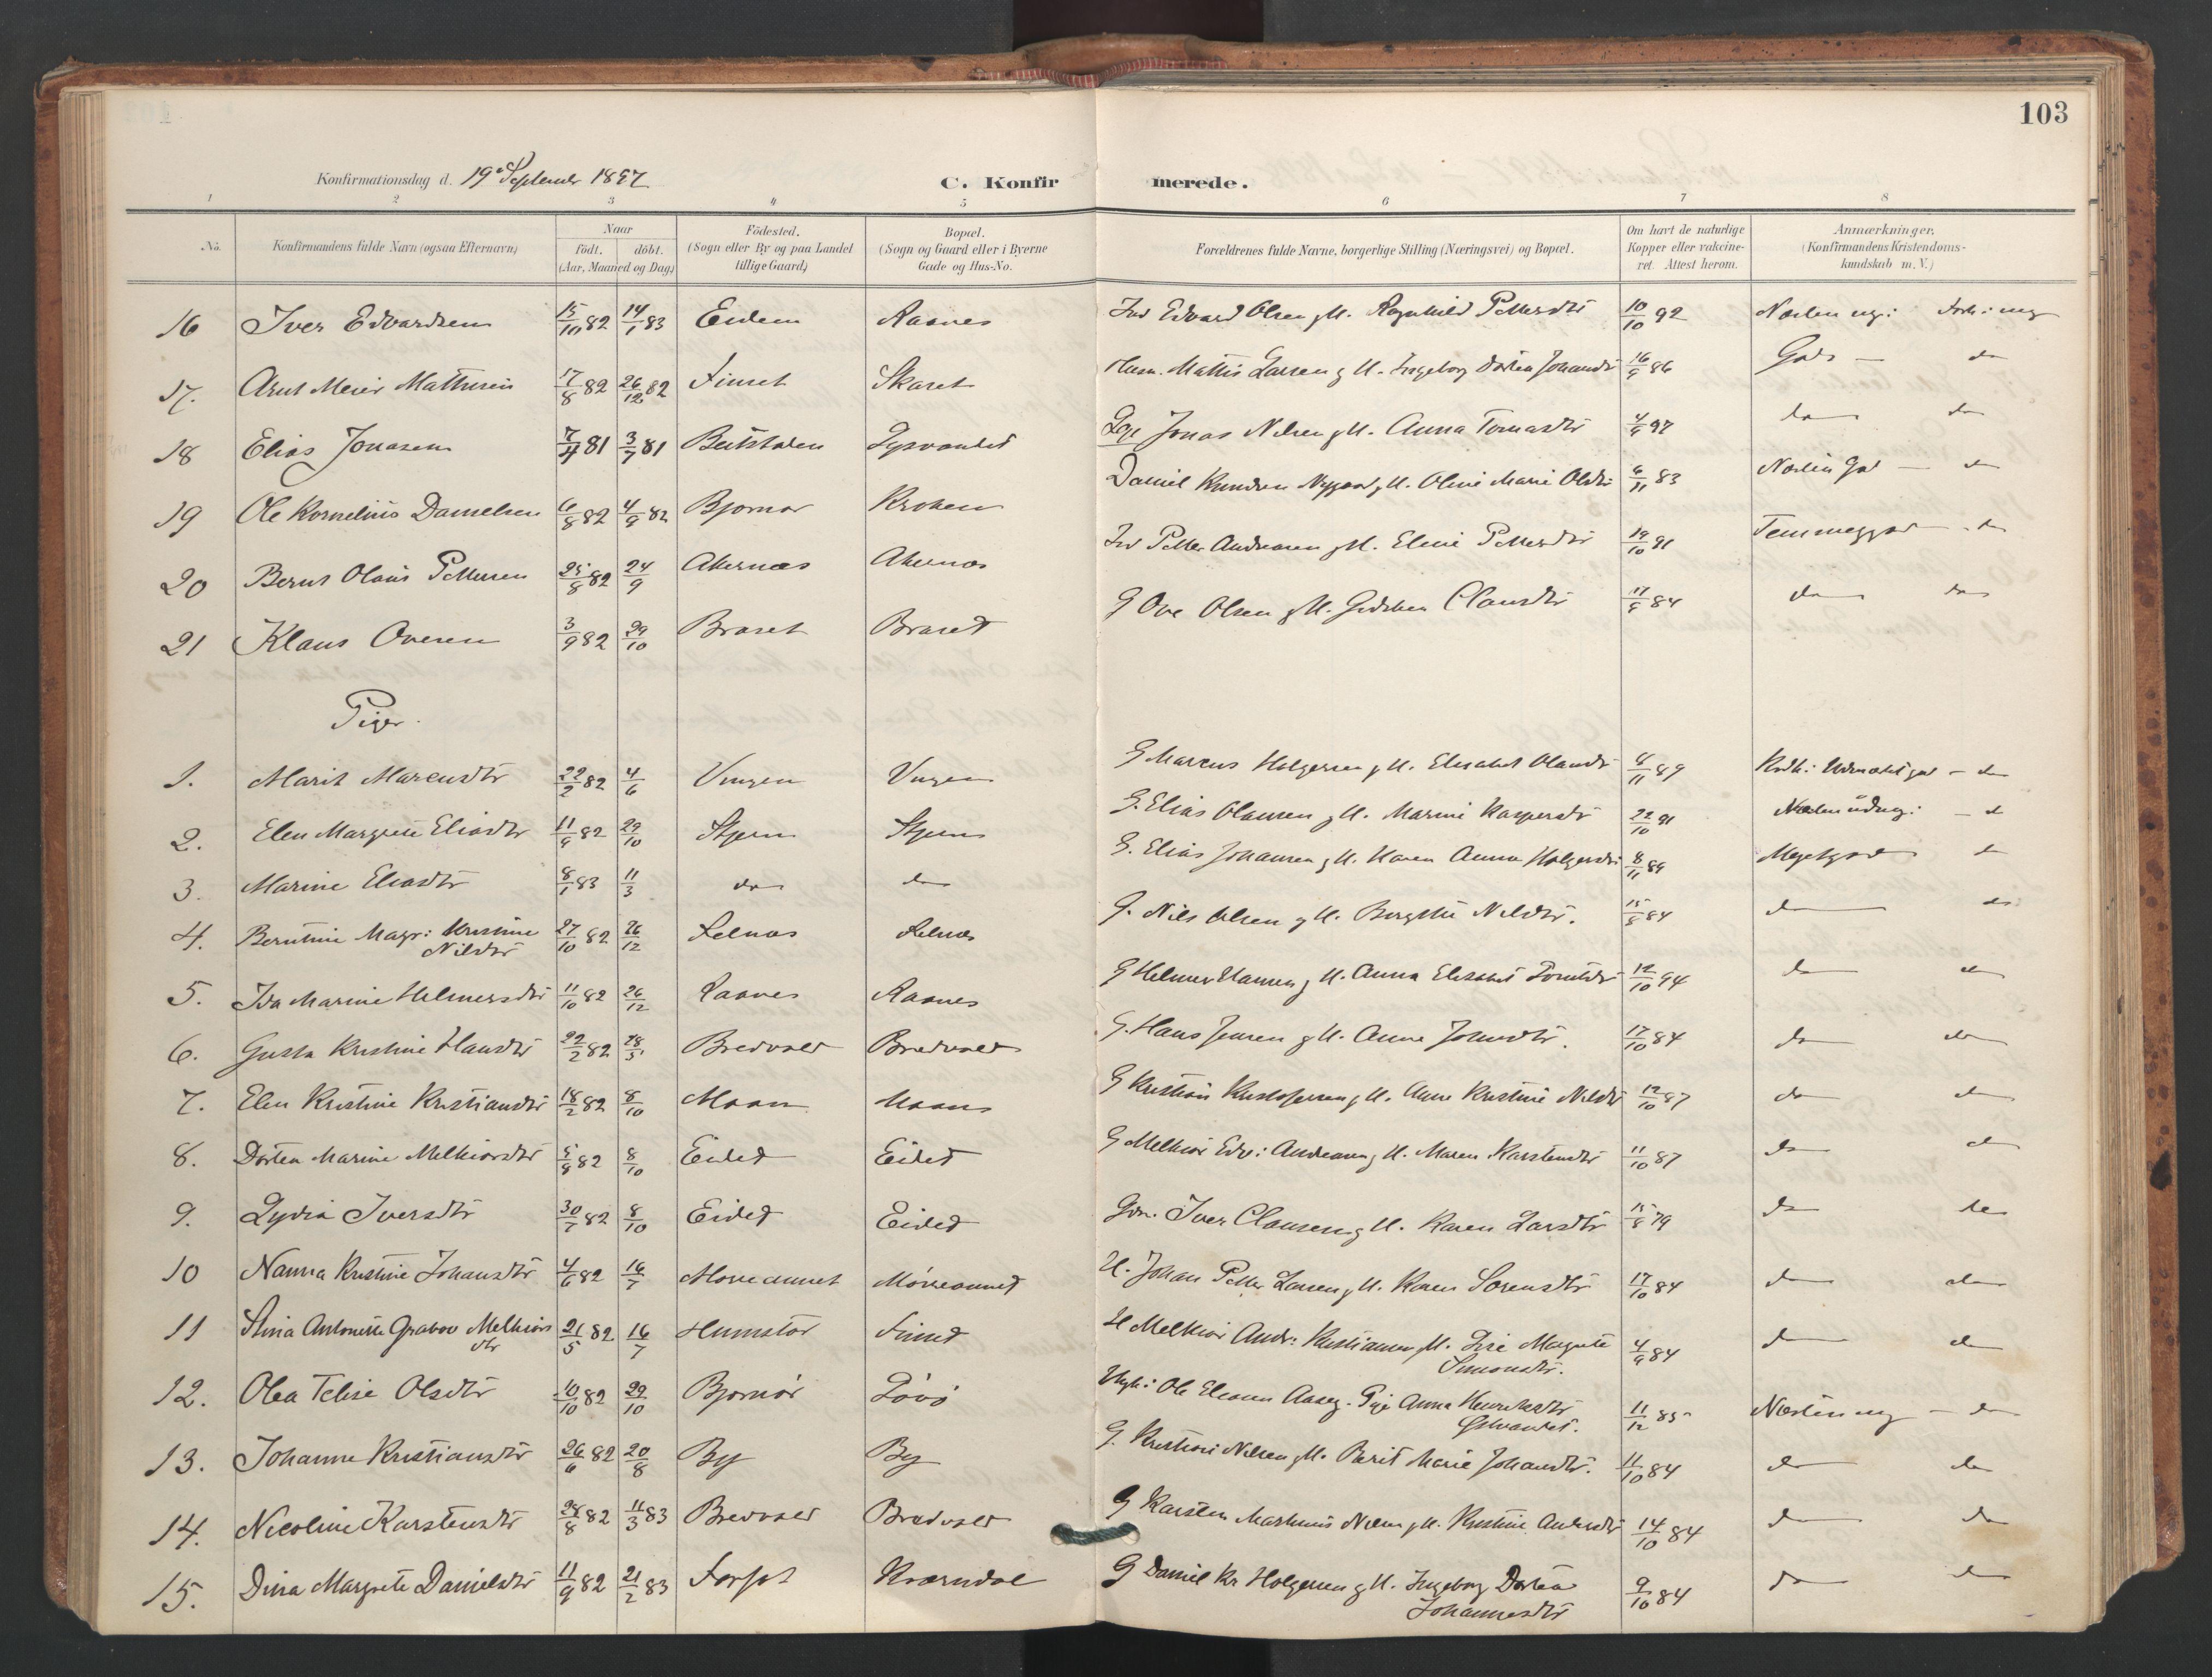 SAT, Ministerialprotokoller, klokkerbøker og fødselsregistre - Sør-Trøndelag, 655/L0681: Ministerialbok nr. 655A10, 1895-1907, s. 103